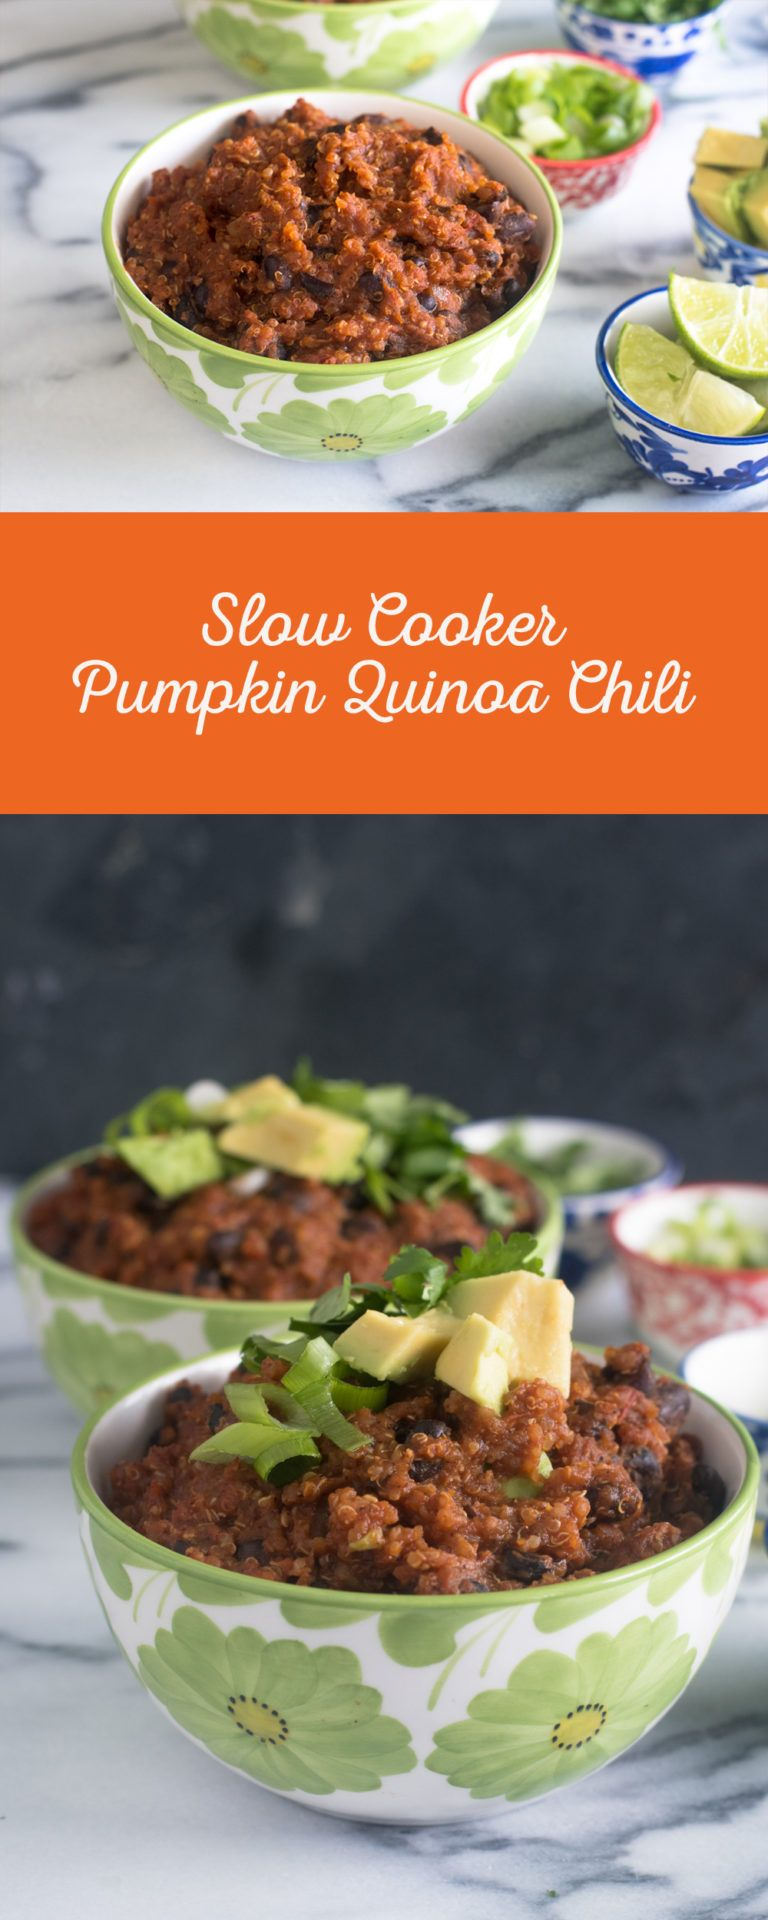 Slow Cooker Pumpkin Quinoa Chili Recipe Pumpkin quinoa